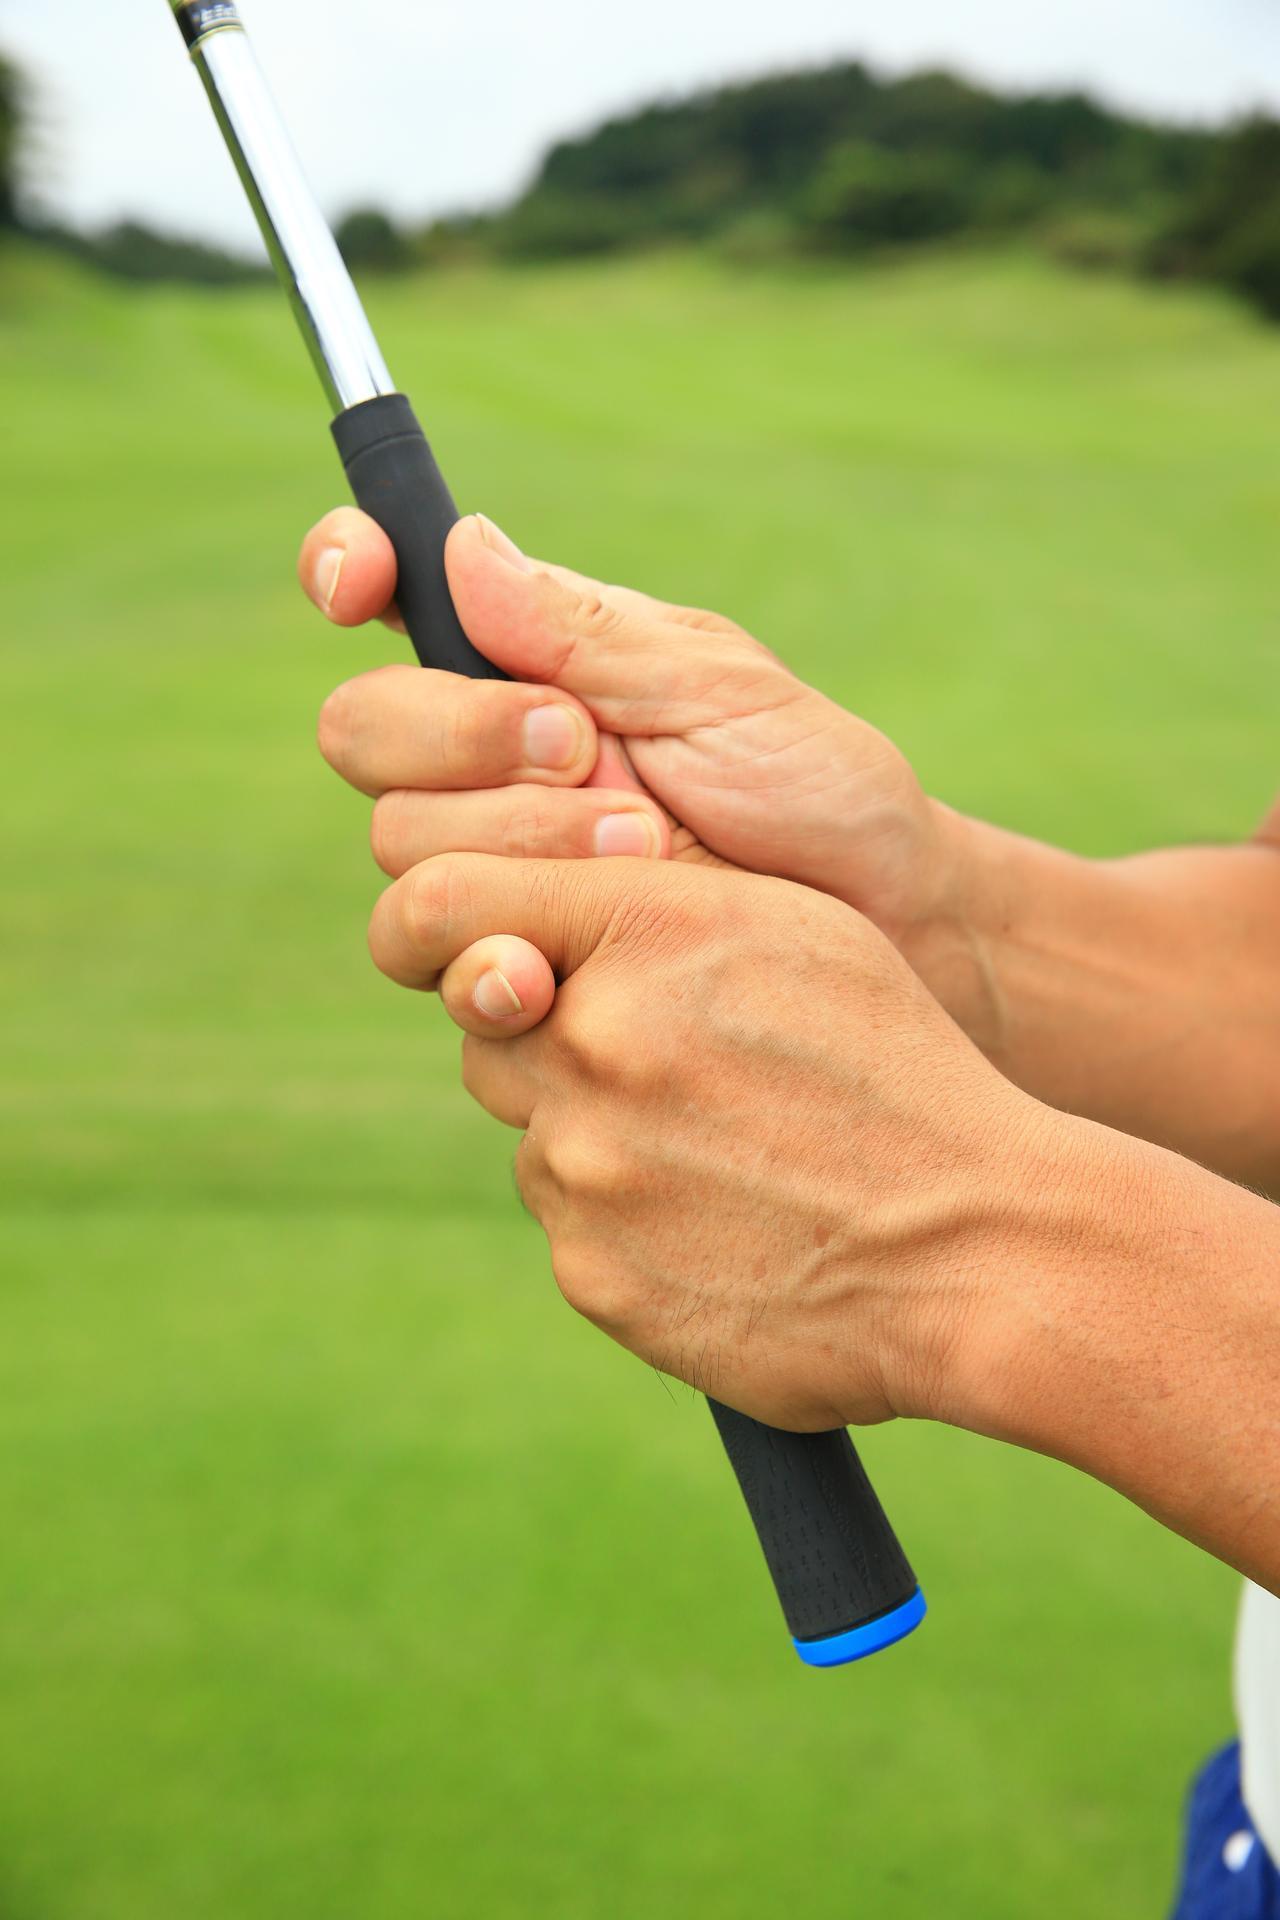 画像: 右手の人差し指が中指にくっつかない